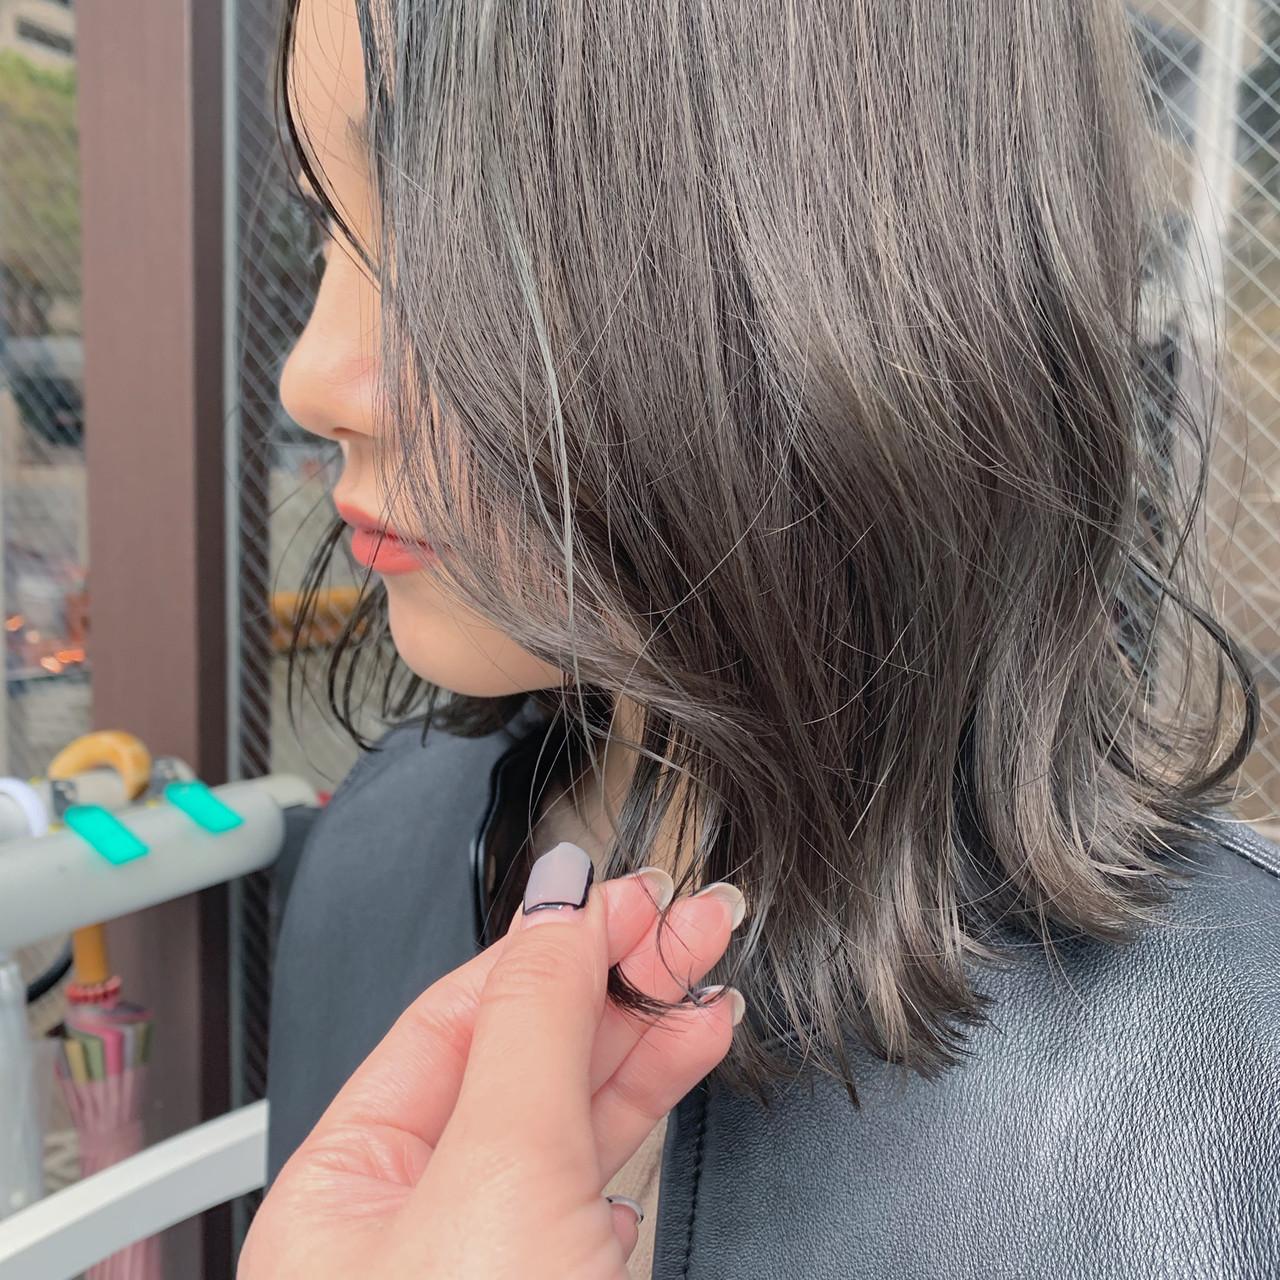 3Dハイライト 大人ハイライト ナチュラル ハイライト ヘアスタイルや髪型の写真・画像 | EMI <zest三鷹> / zest